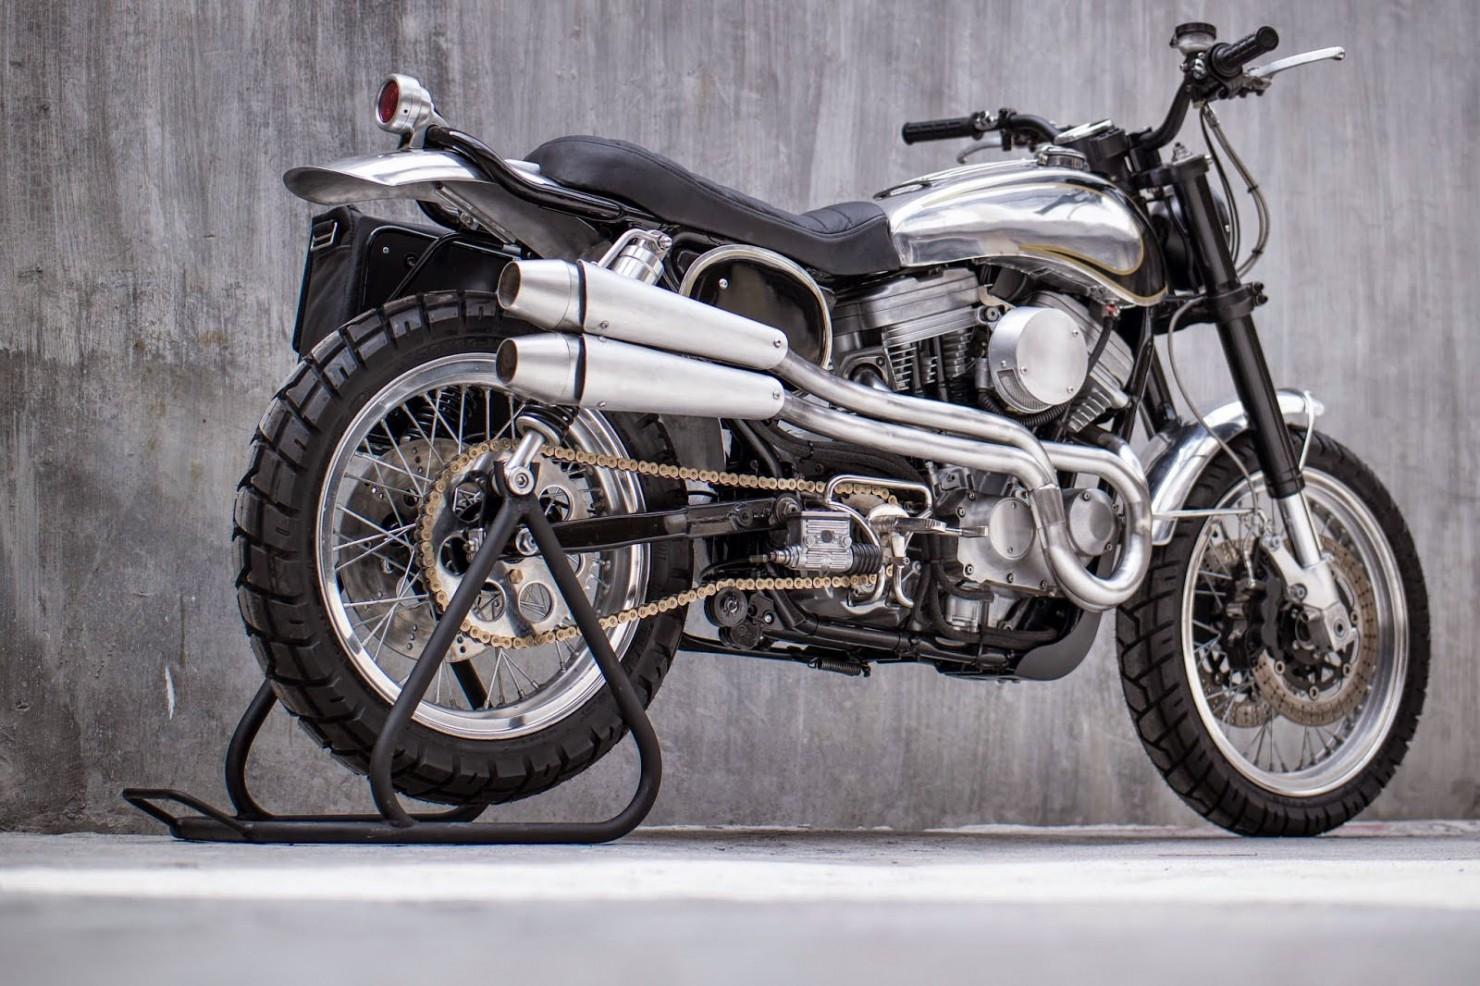 Harley-Davidson-Scrambler-Motorcycle-21